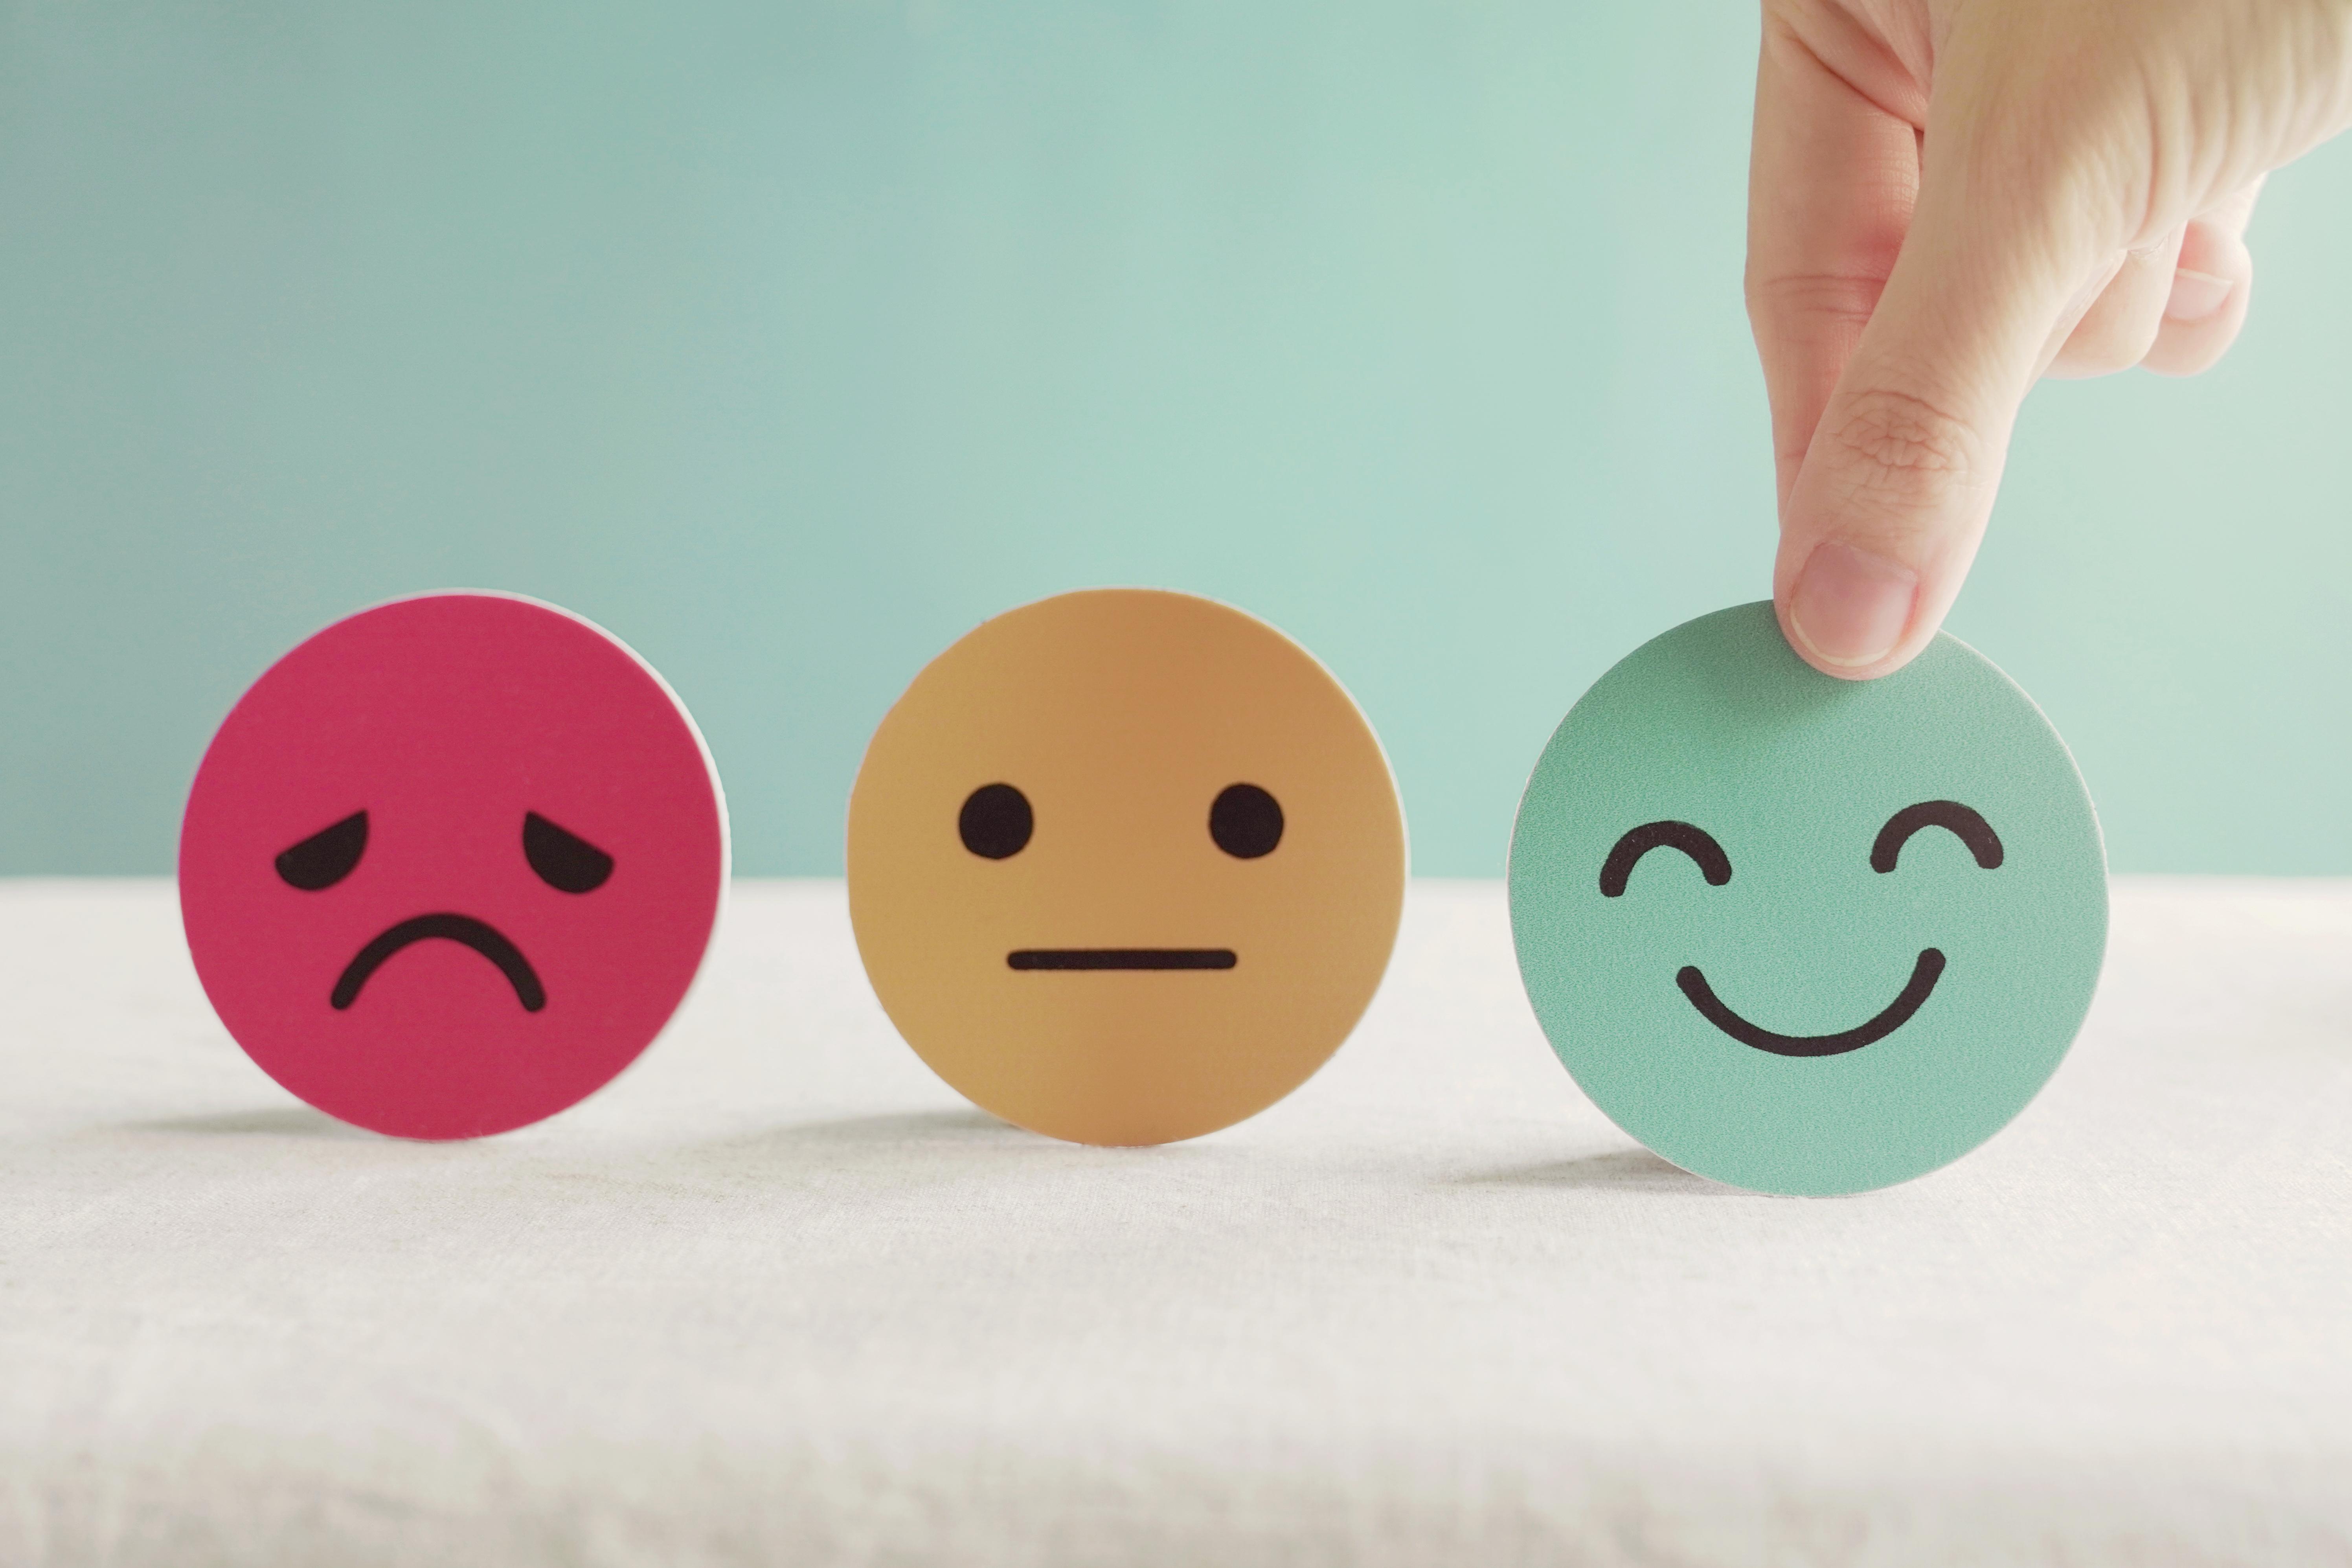 Saúde mental: importância e como promovê-la em sua empresa